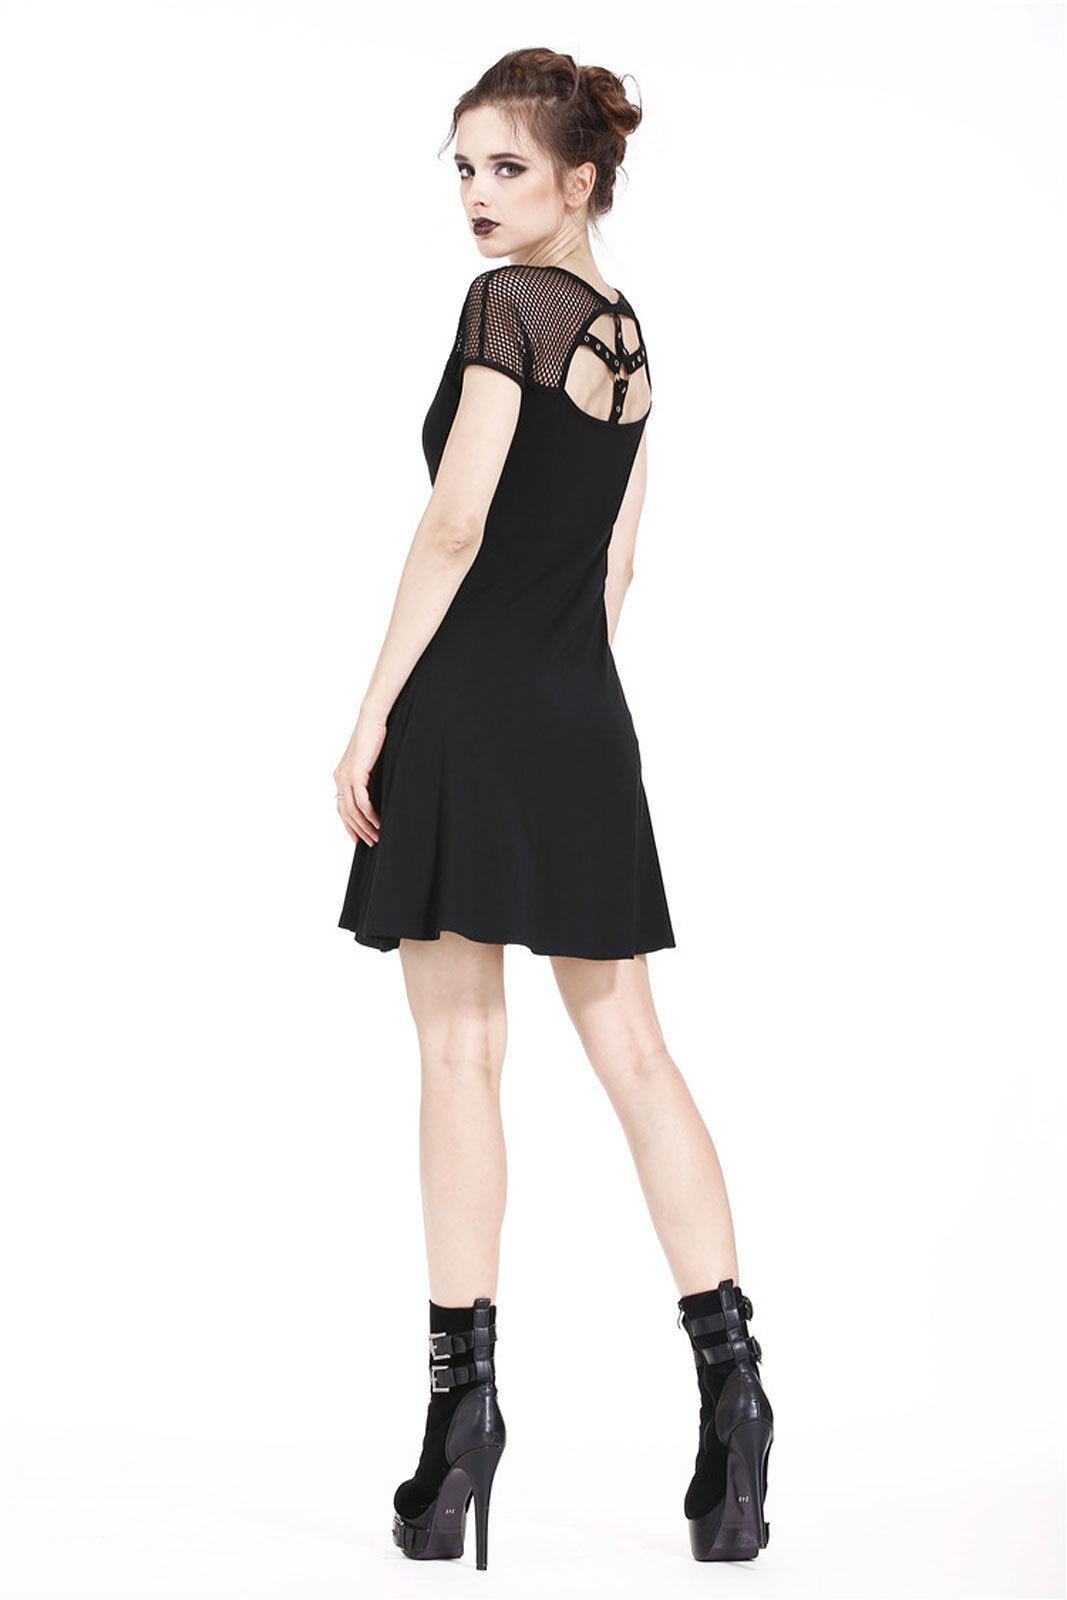 DARK IN LOVE Emo Star Gothic Kleid mit Netzärmeln und und und Metall-Stern Goth Dress | Exquisite Verarbeitung  | Sale  | Ruf zuerst  |  Neuer Markt  | Neuer Stil  fdf394